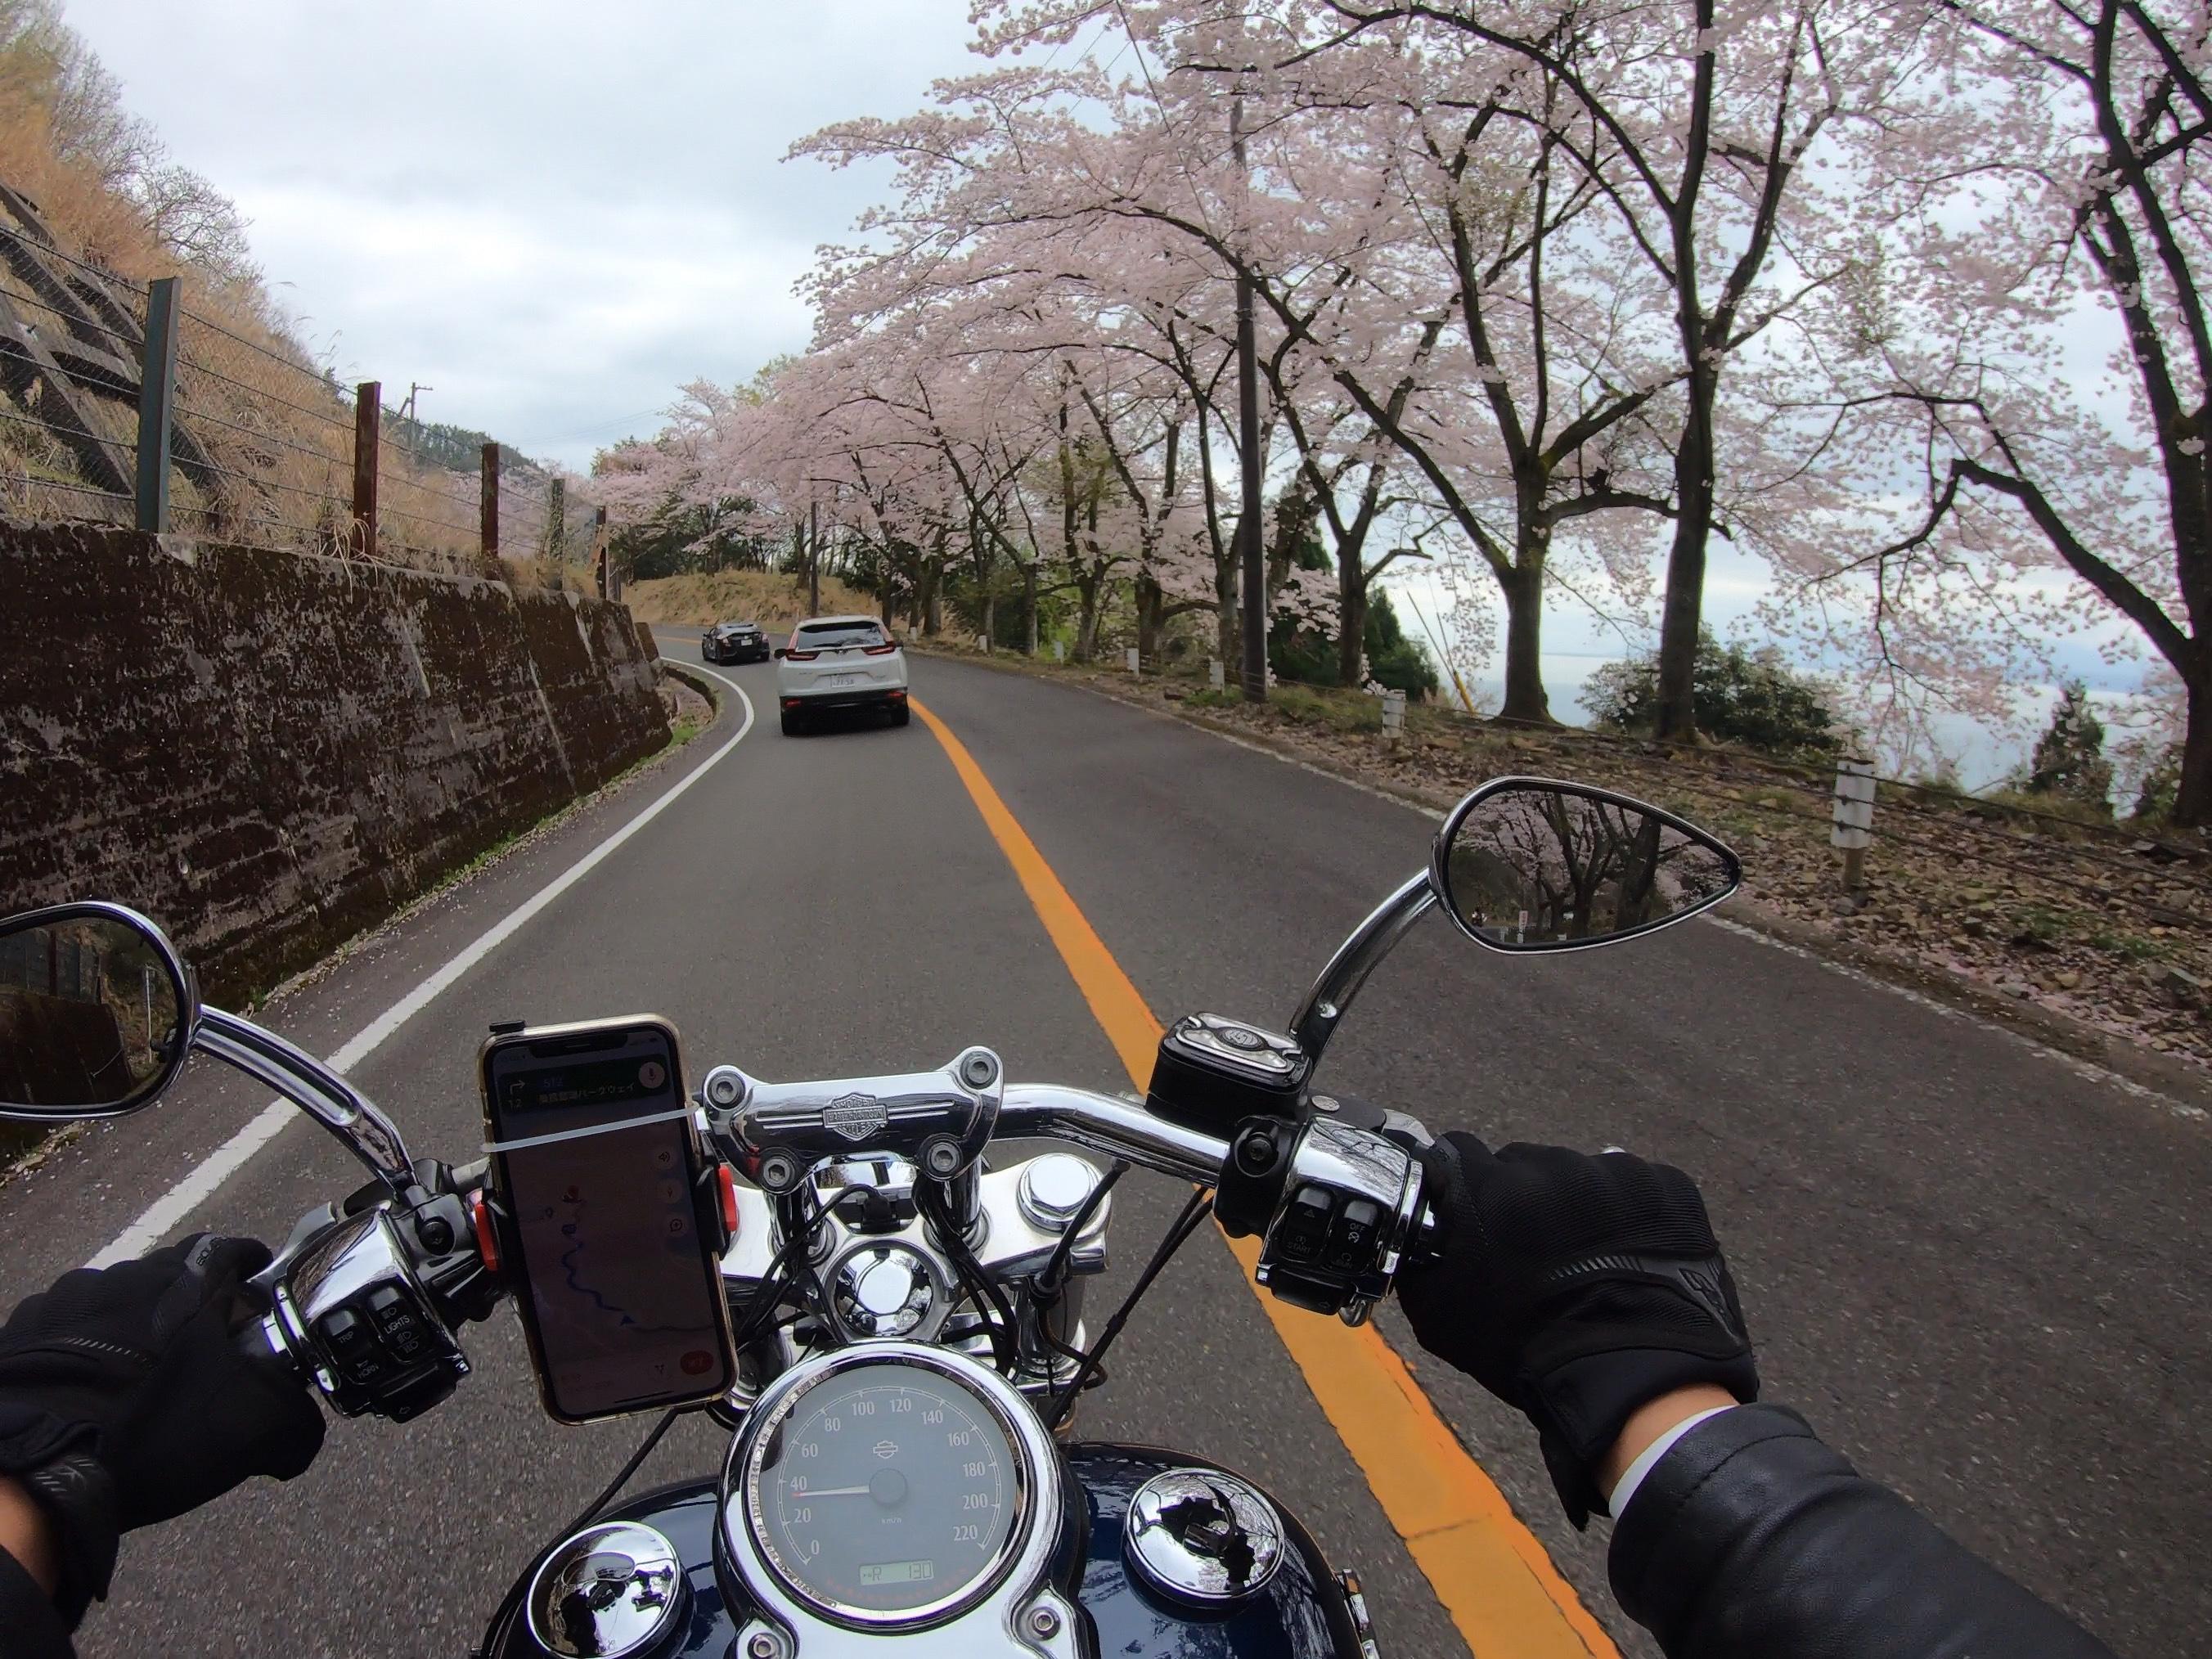 ぴーきち ハーレー 琵琶湖 桜 奥琵琶湖パークウェイ 桜並木 春